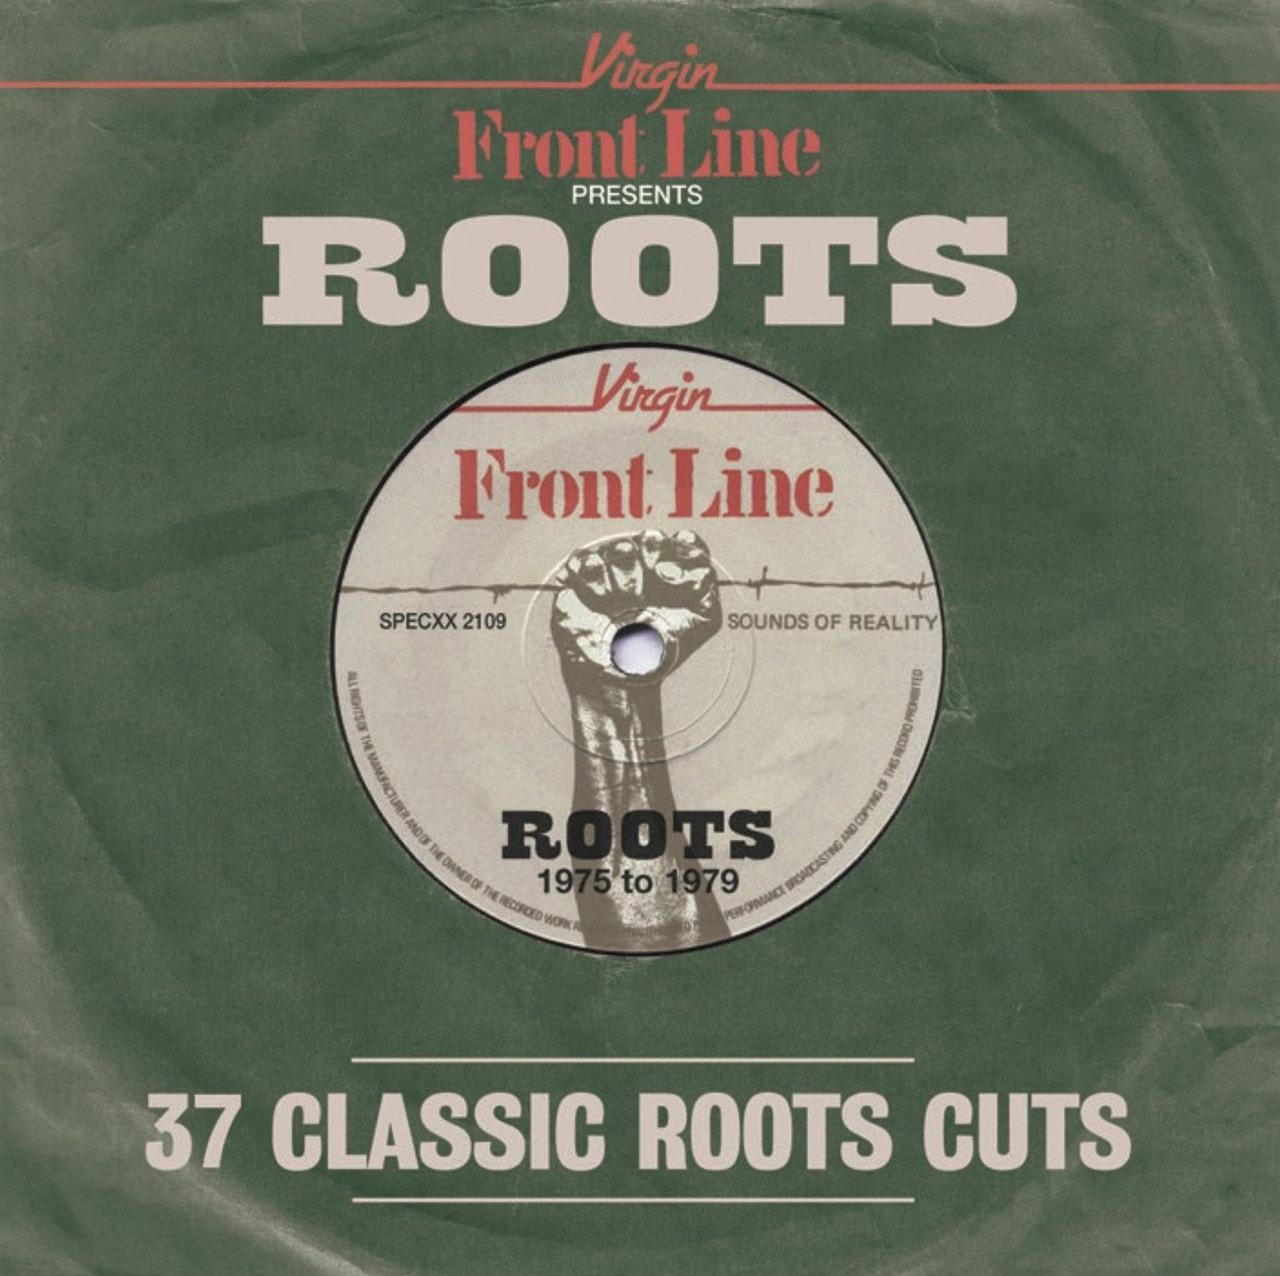 Front Line Presents Roots: 37 Classics Roots Cuts - 1